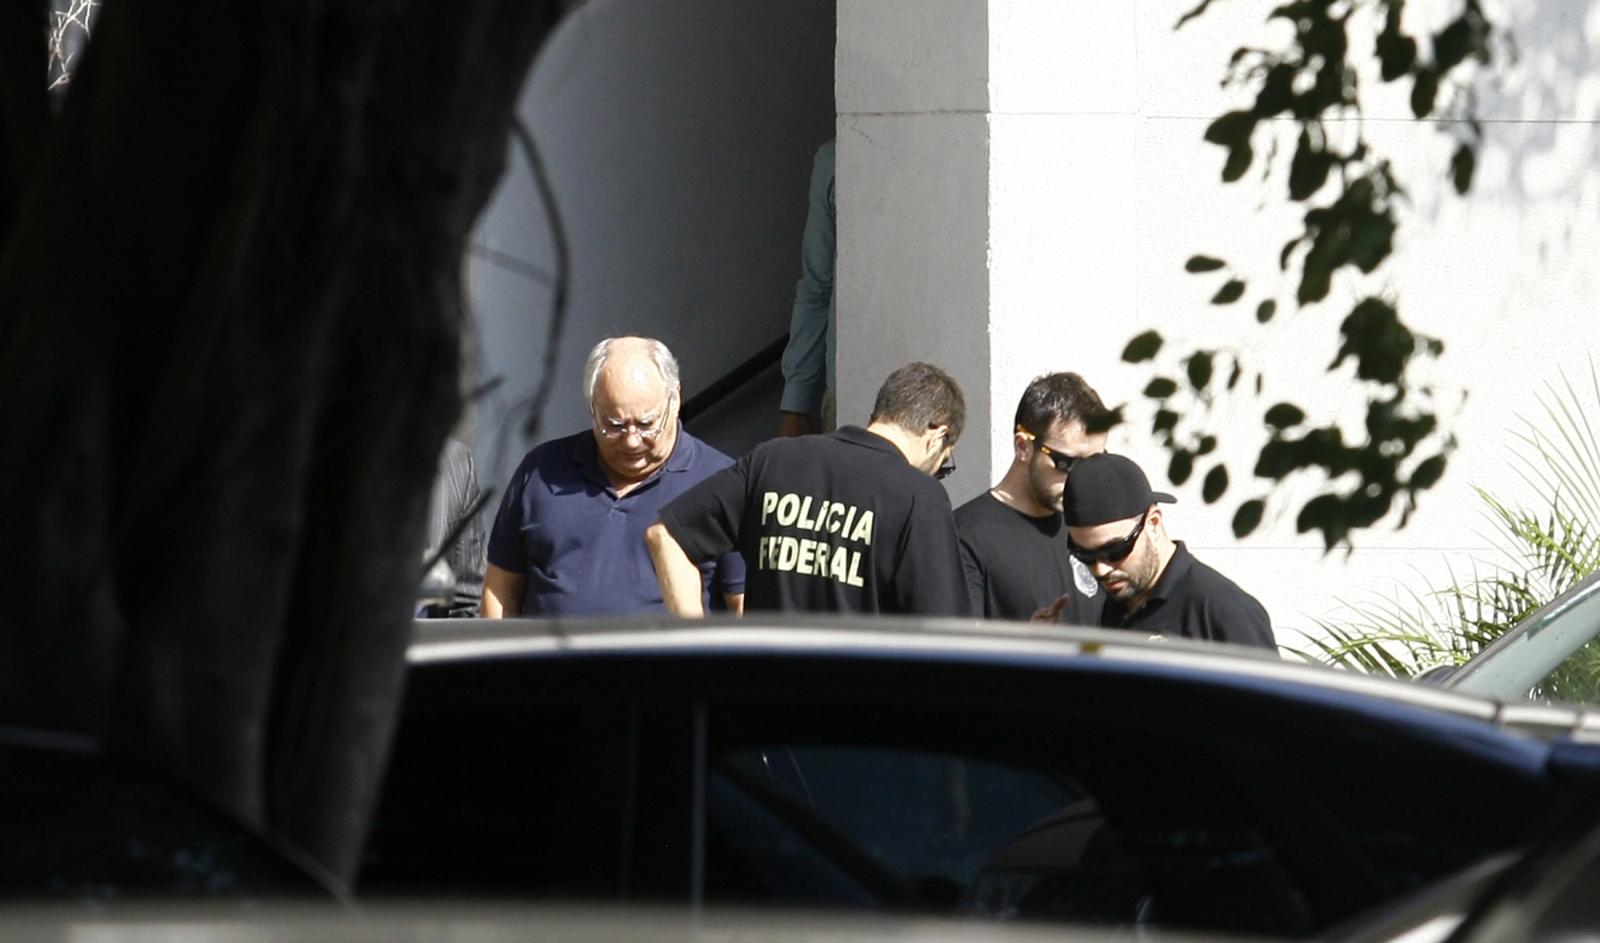 Petrobras Renato Duque arrest